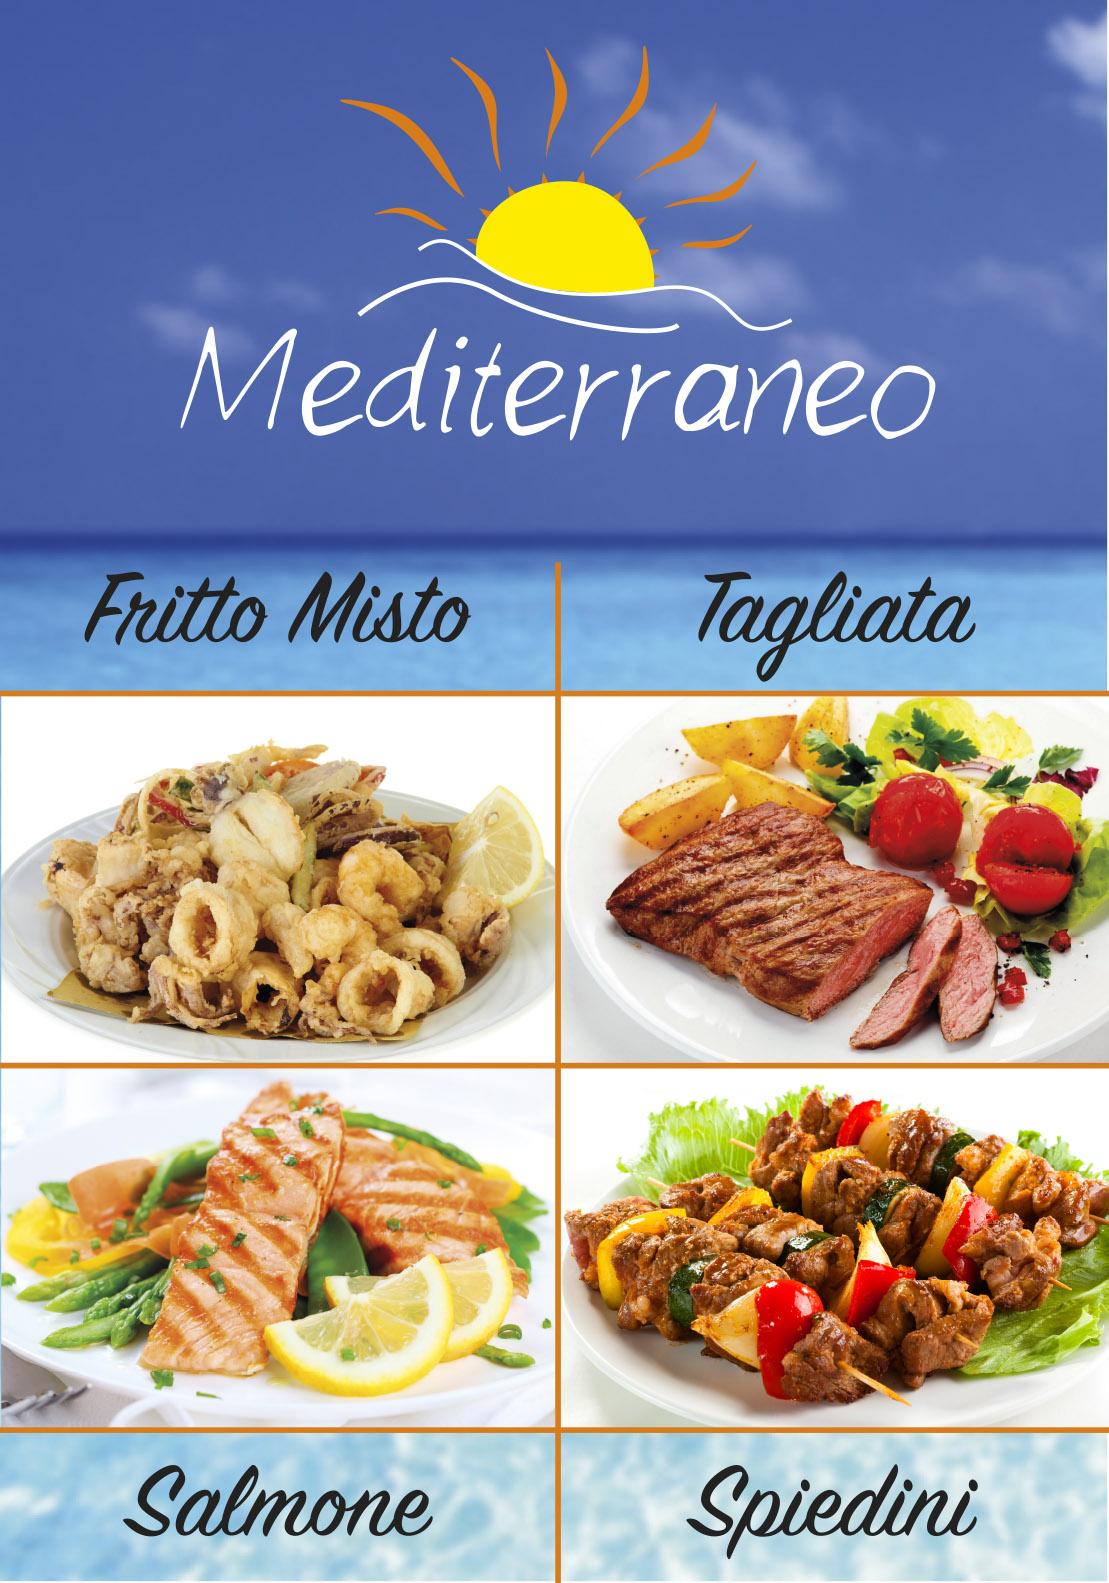 pannello mediterraneo 4 piatti